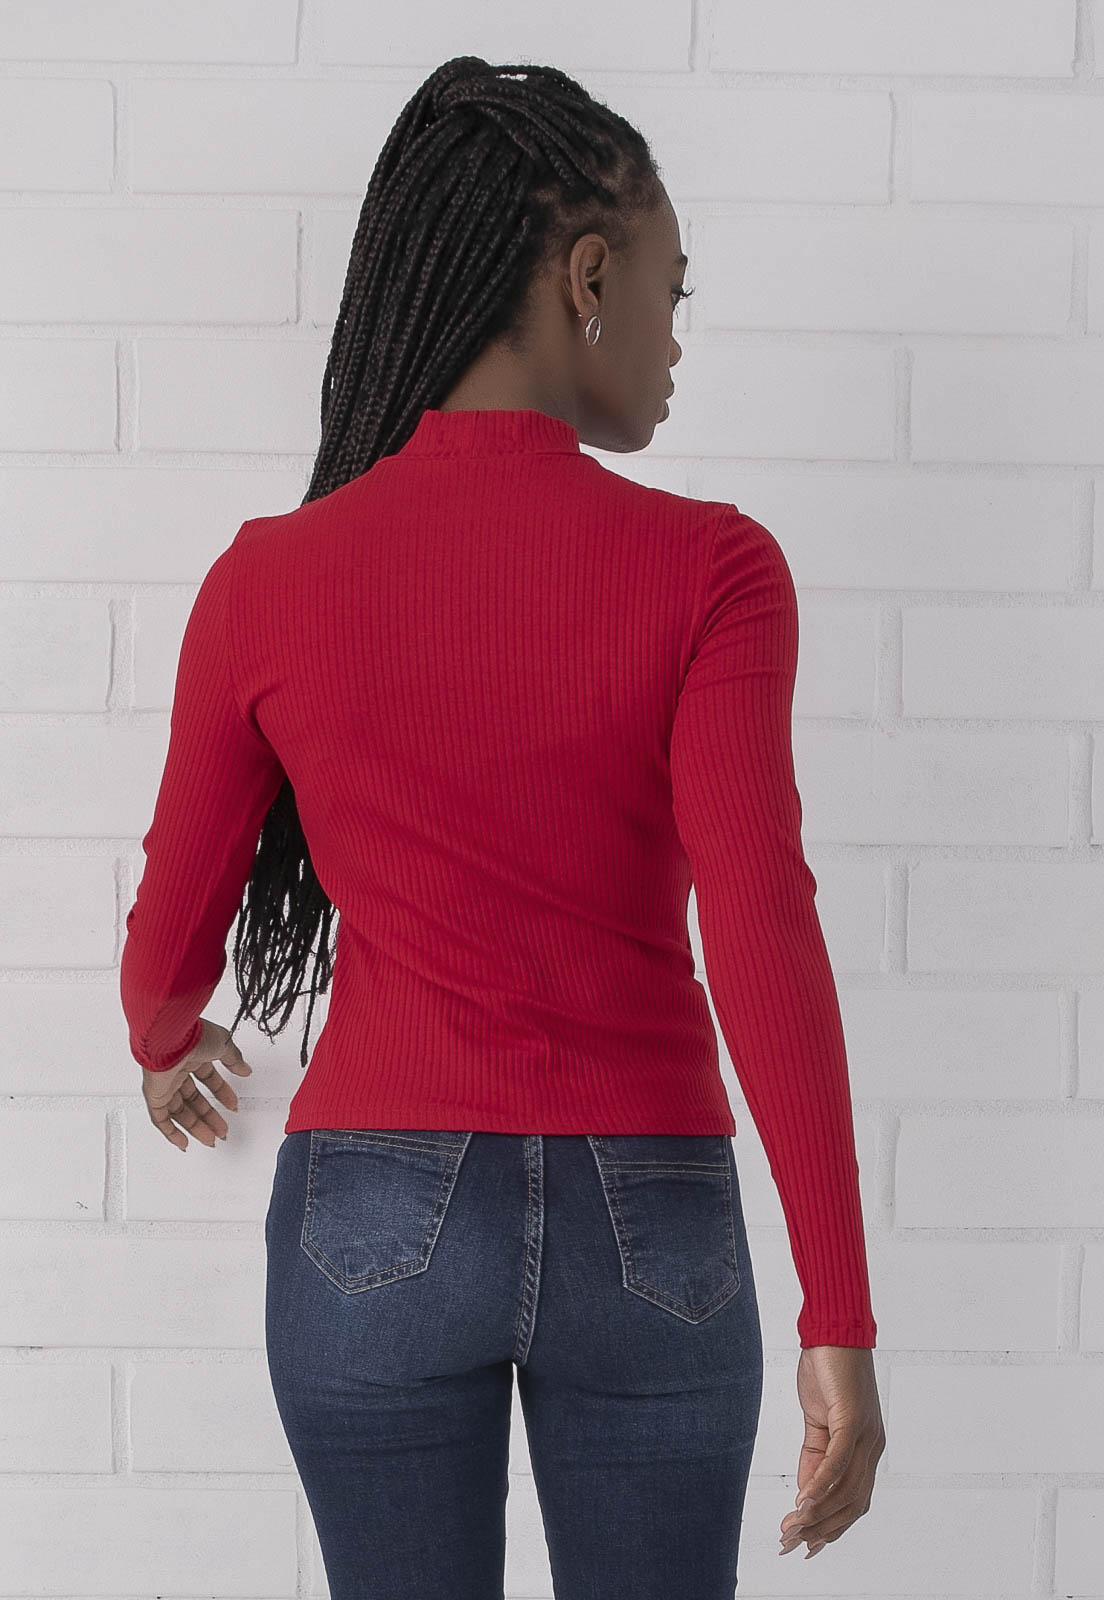 Blusa Canelada Manga Longa com Gola Alta Vermelho PKD